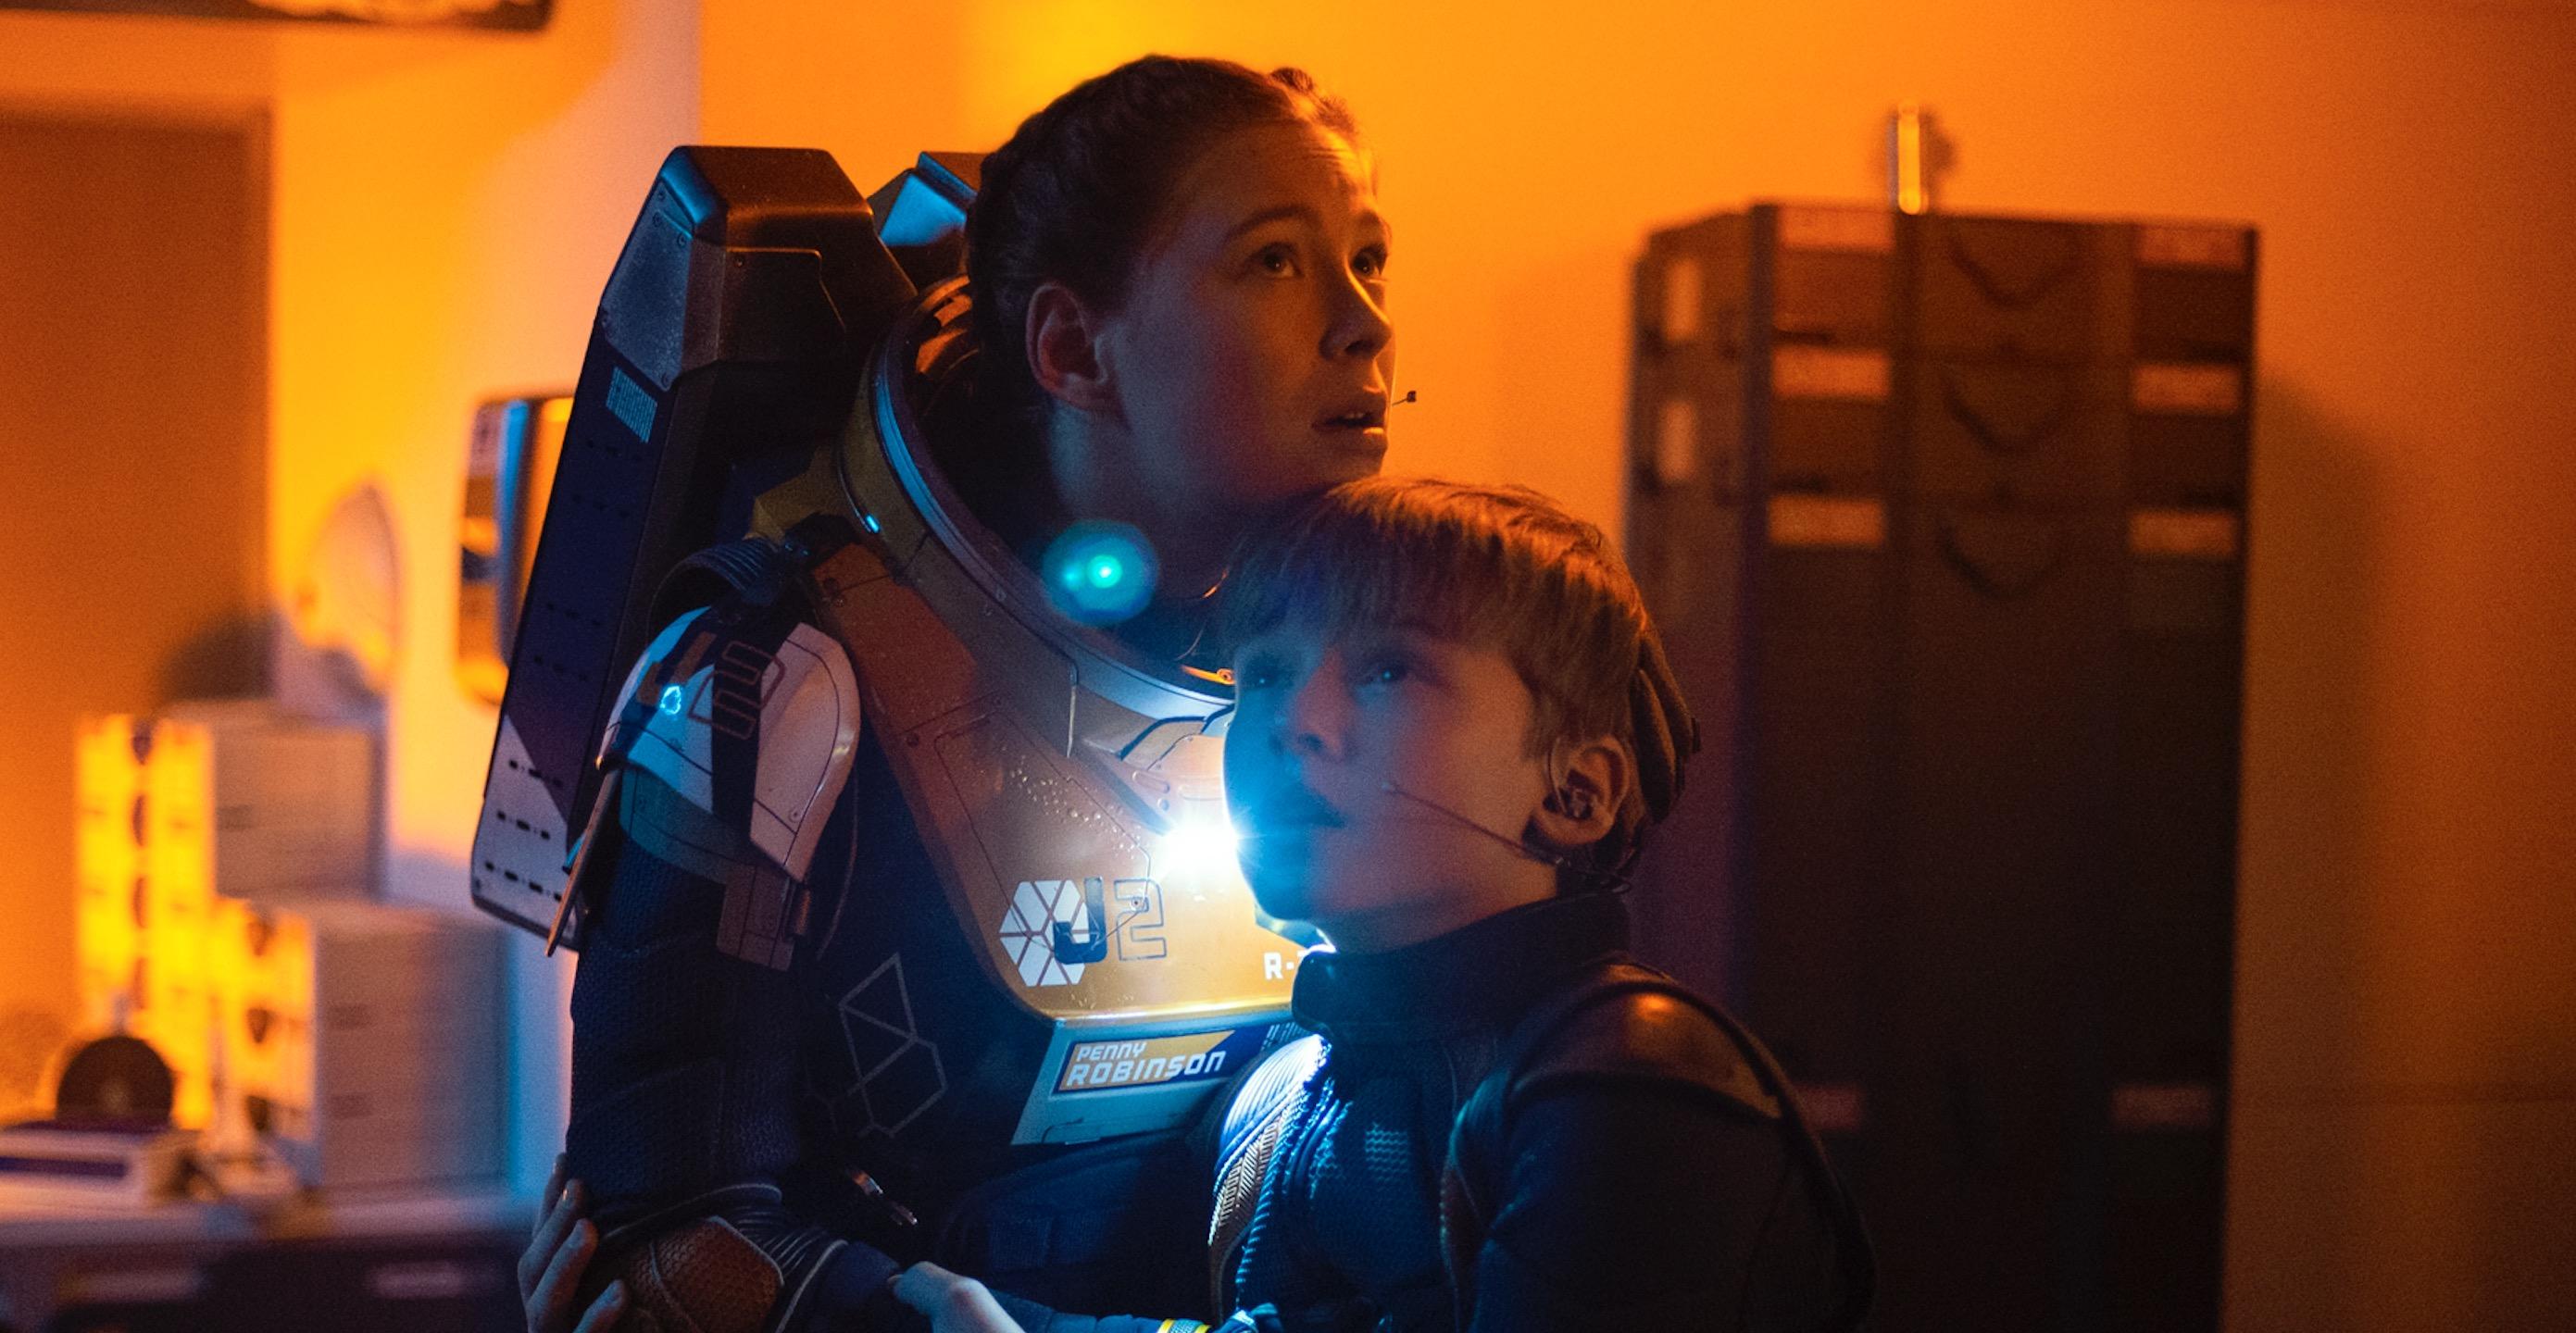 Lost in Space Season 3 Confirmed, Will be Final Season - Den of Geek